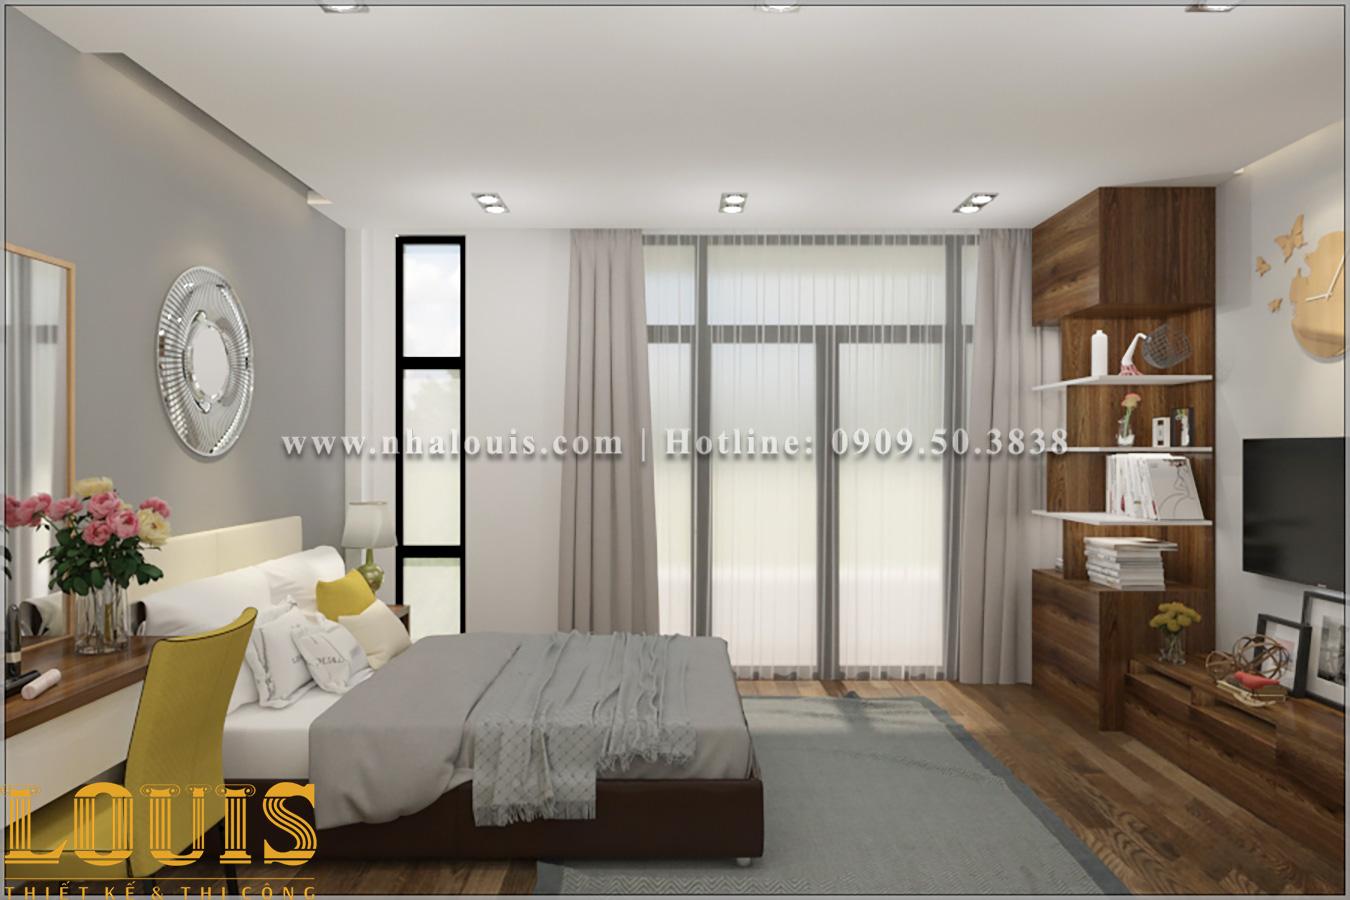 Phòng ngủ Mẫu nhà ống 3 tầng đẹp tại Long An thiết kế theo xu hướng mới - 12